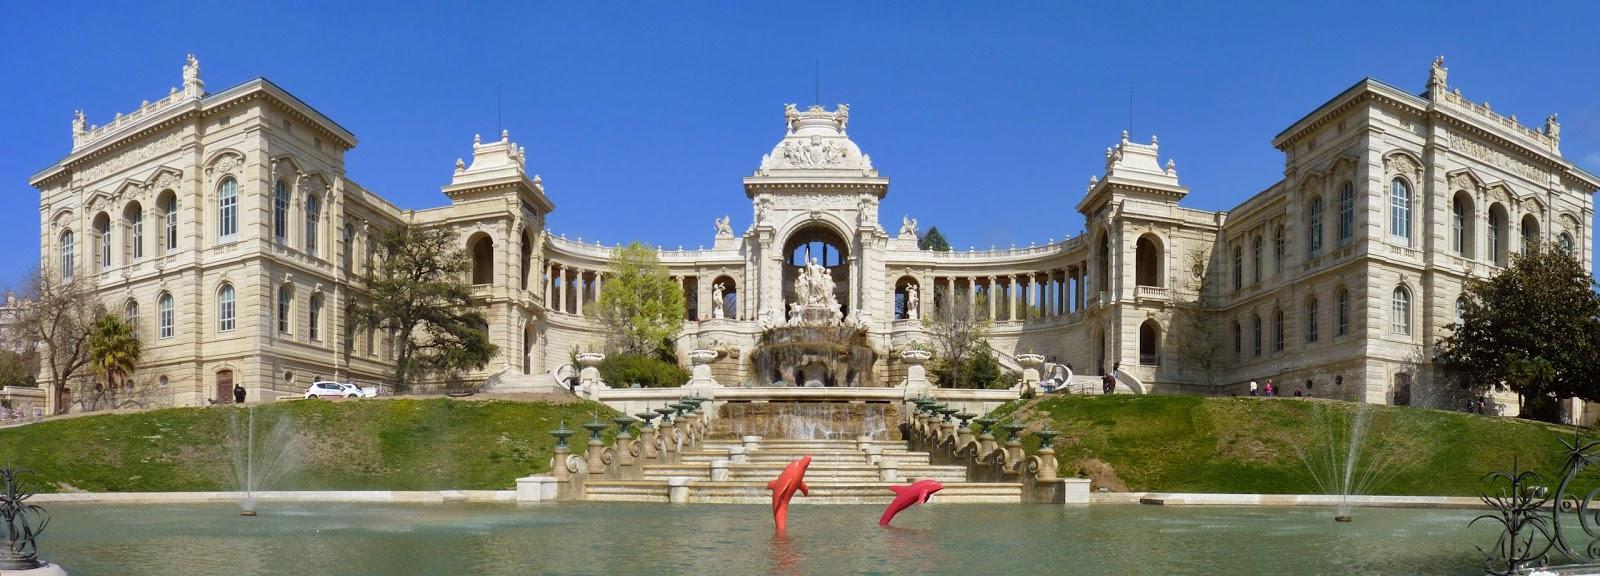 Palacio de Longchamp.